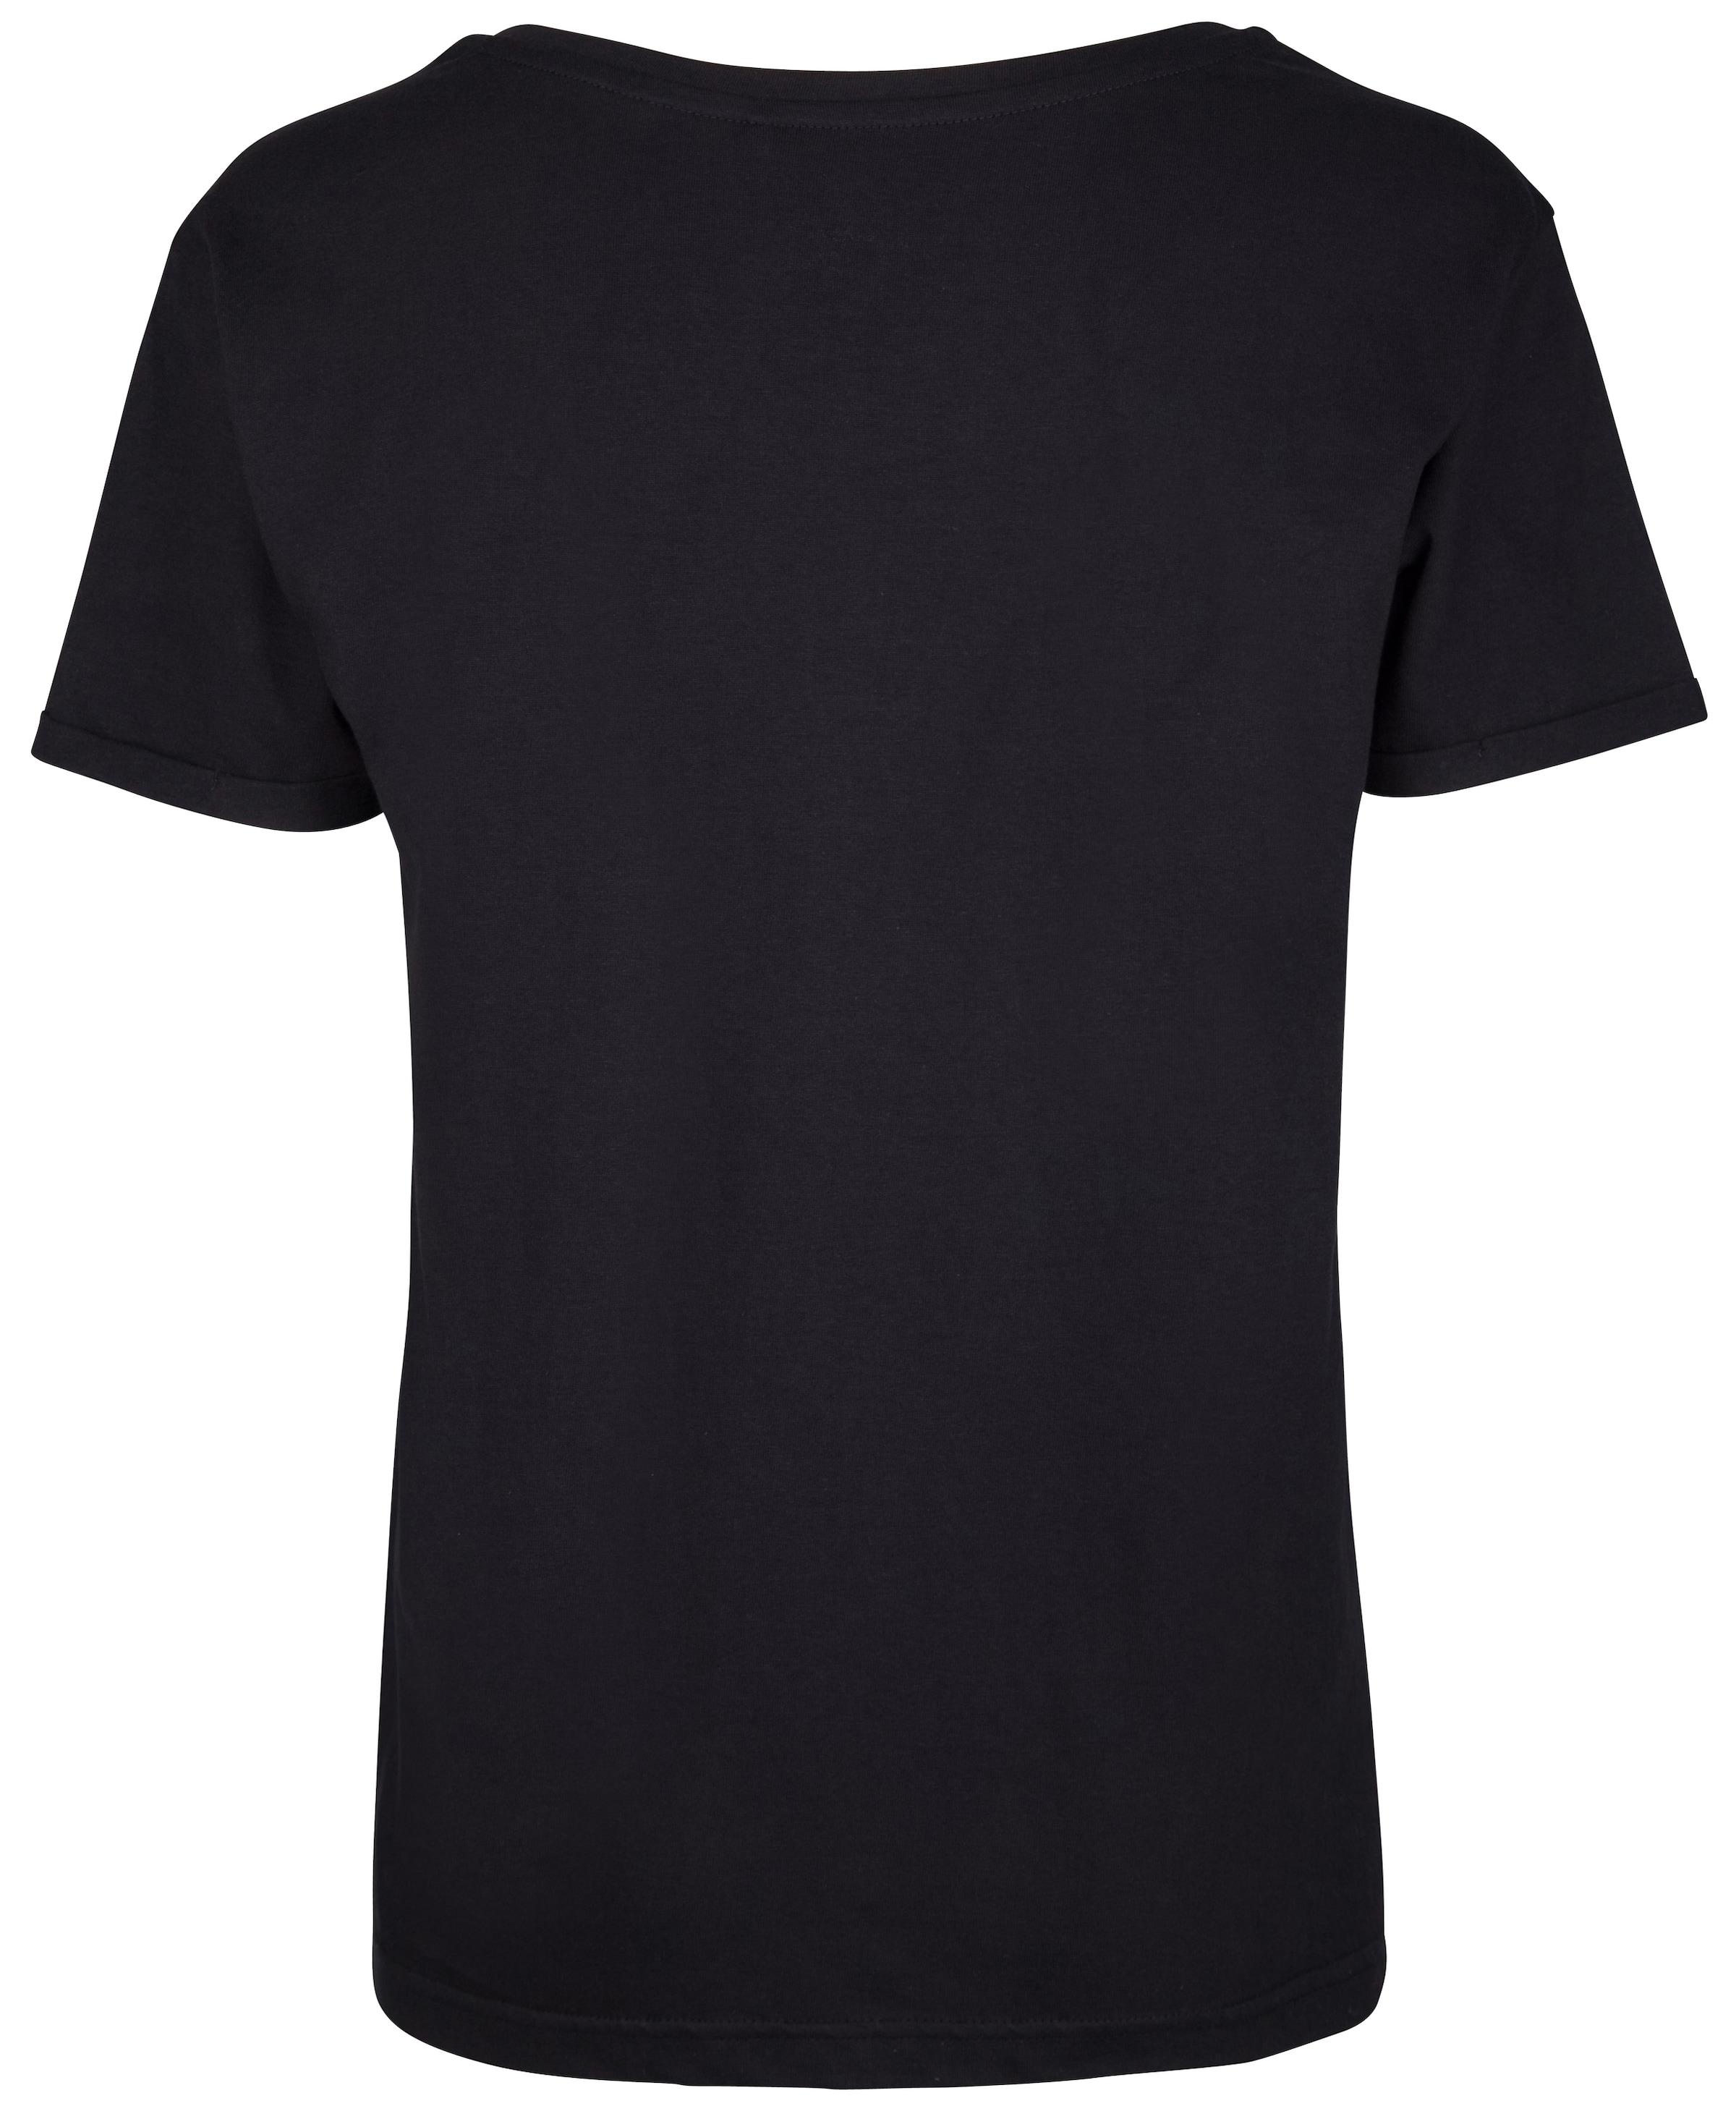 In Mymo Mymo Shirt In Shirt Zwart b7vIfy6gY